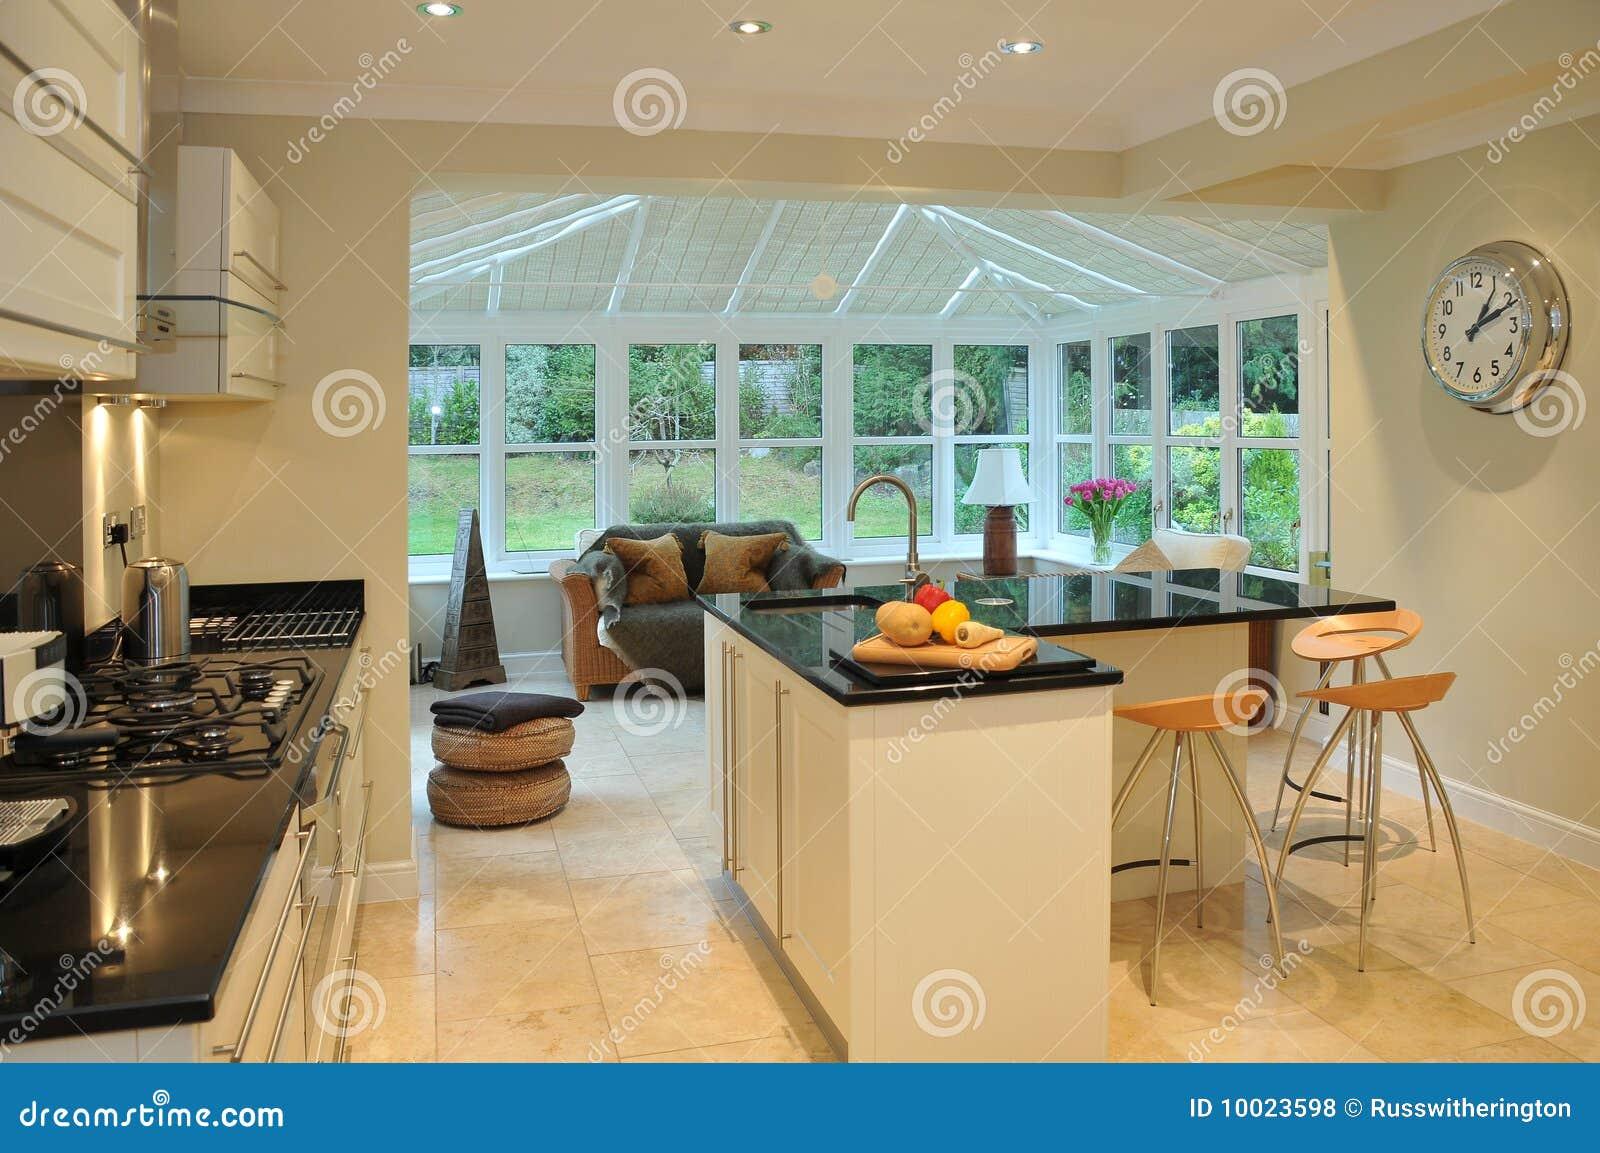 Keuken en serre stock foto afbeelding bestaande uit eiland